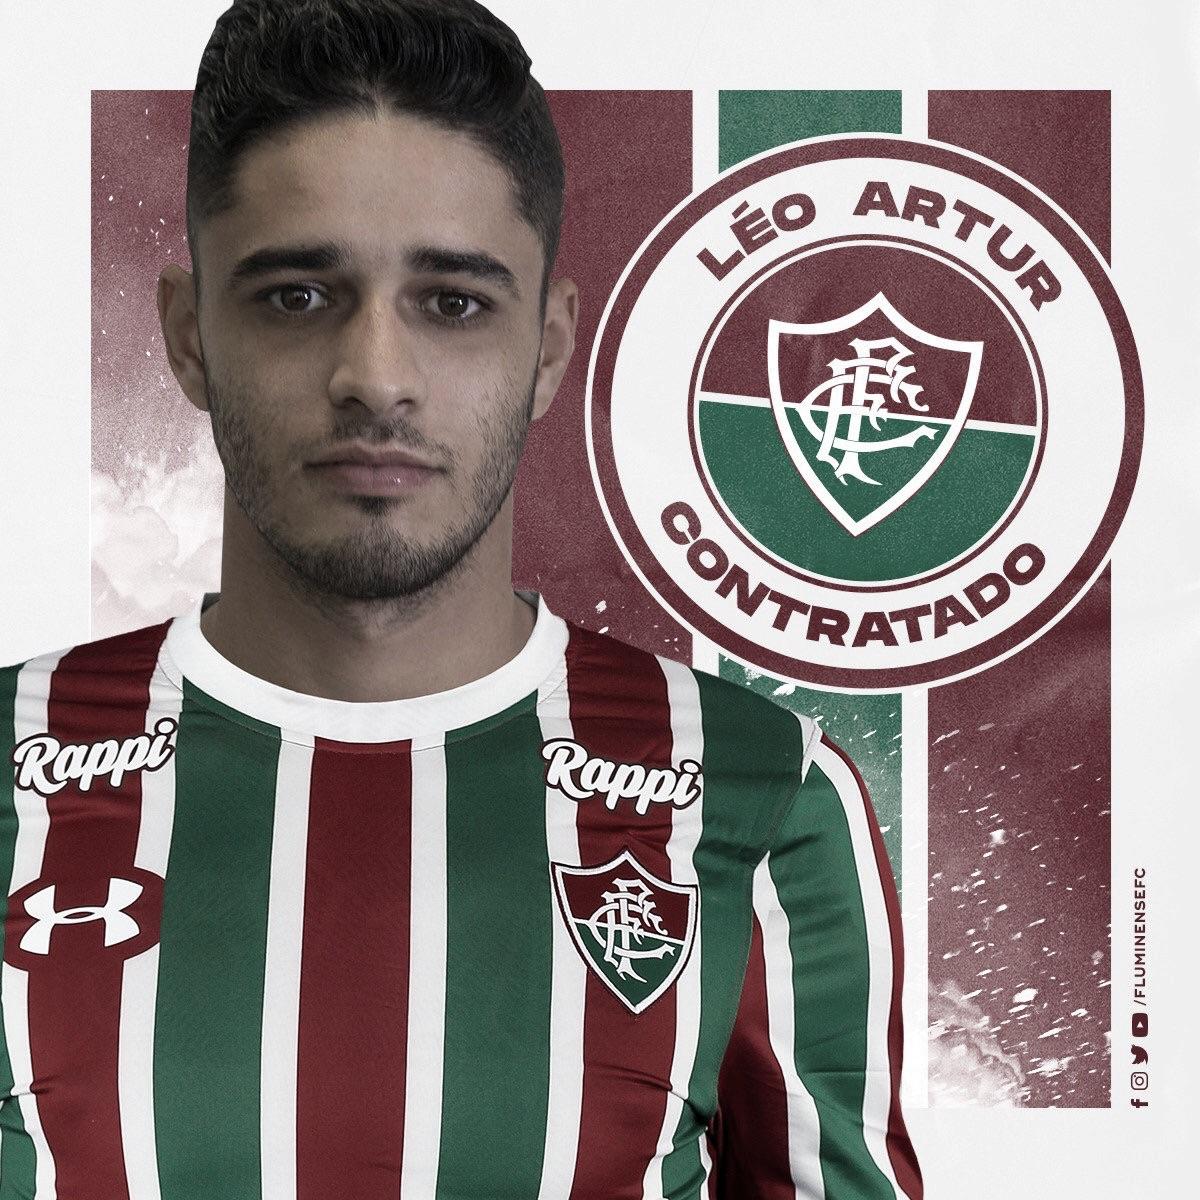 Fluminense acerta contratação do meia Léo Artur, ex-Ferroviária